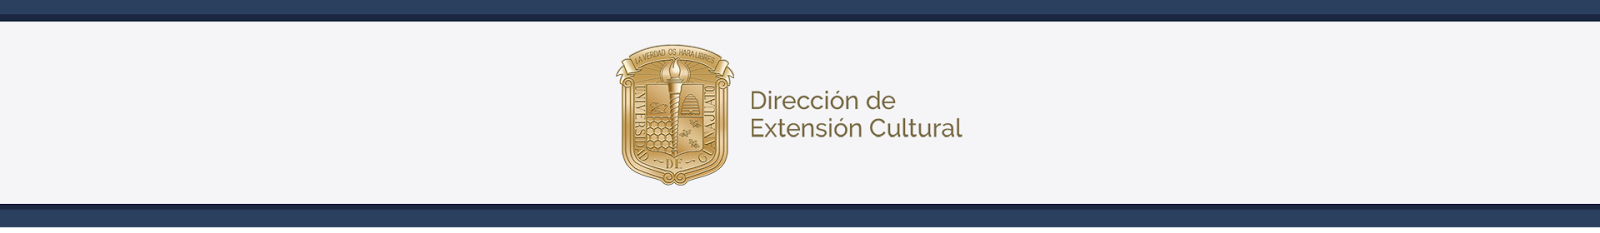 DIRECCIÓN DE EXTENSIÓN CULTURAL